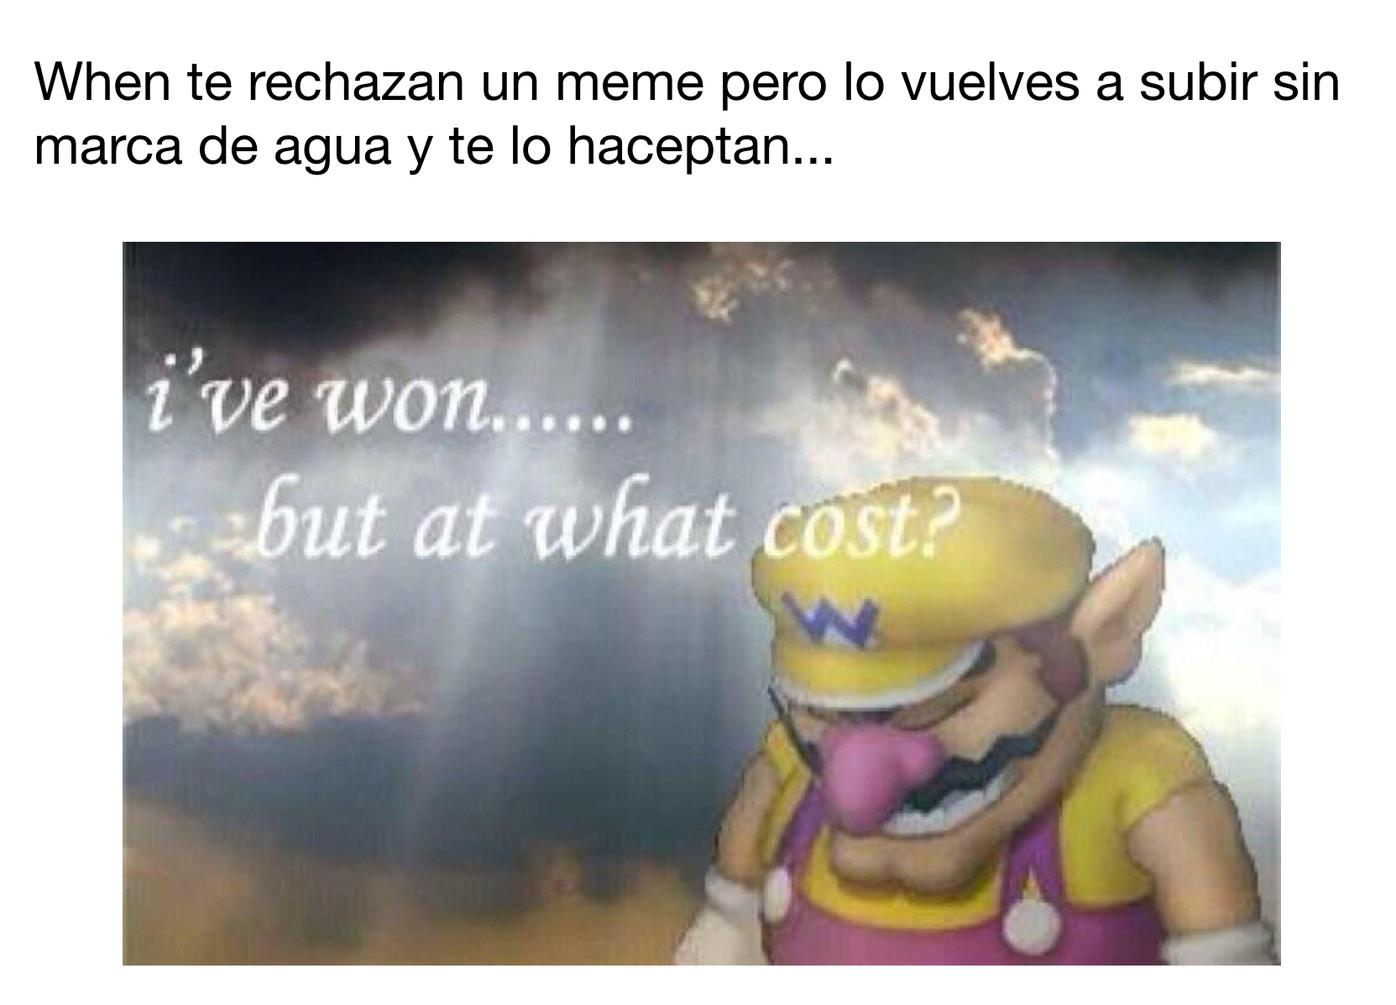 A que coste... - meme